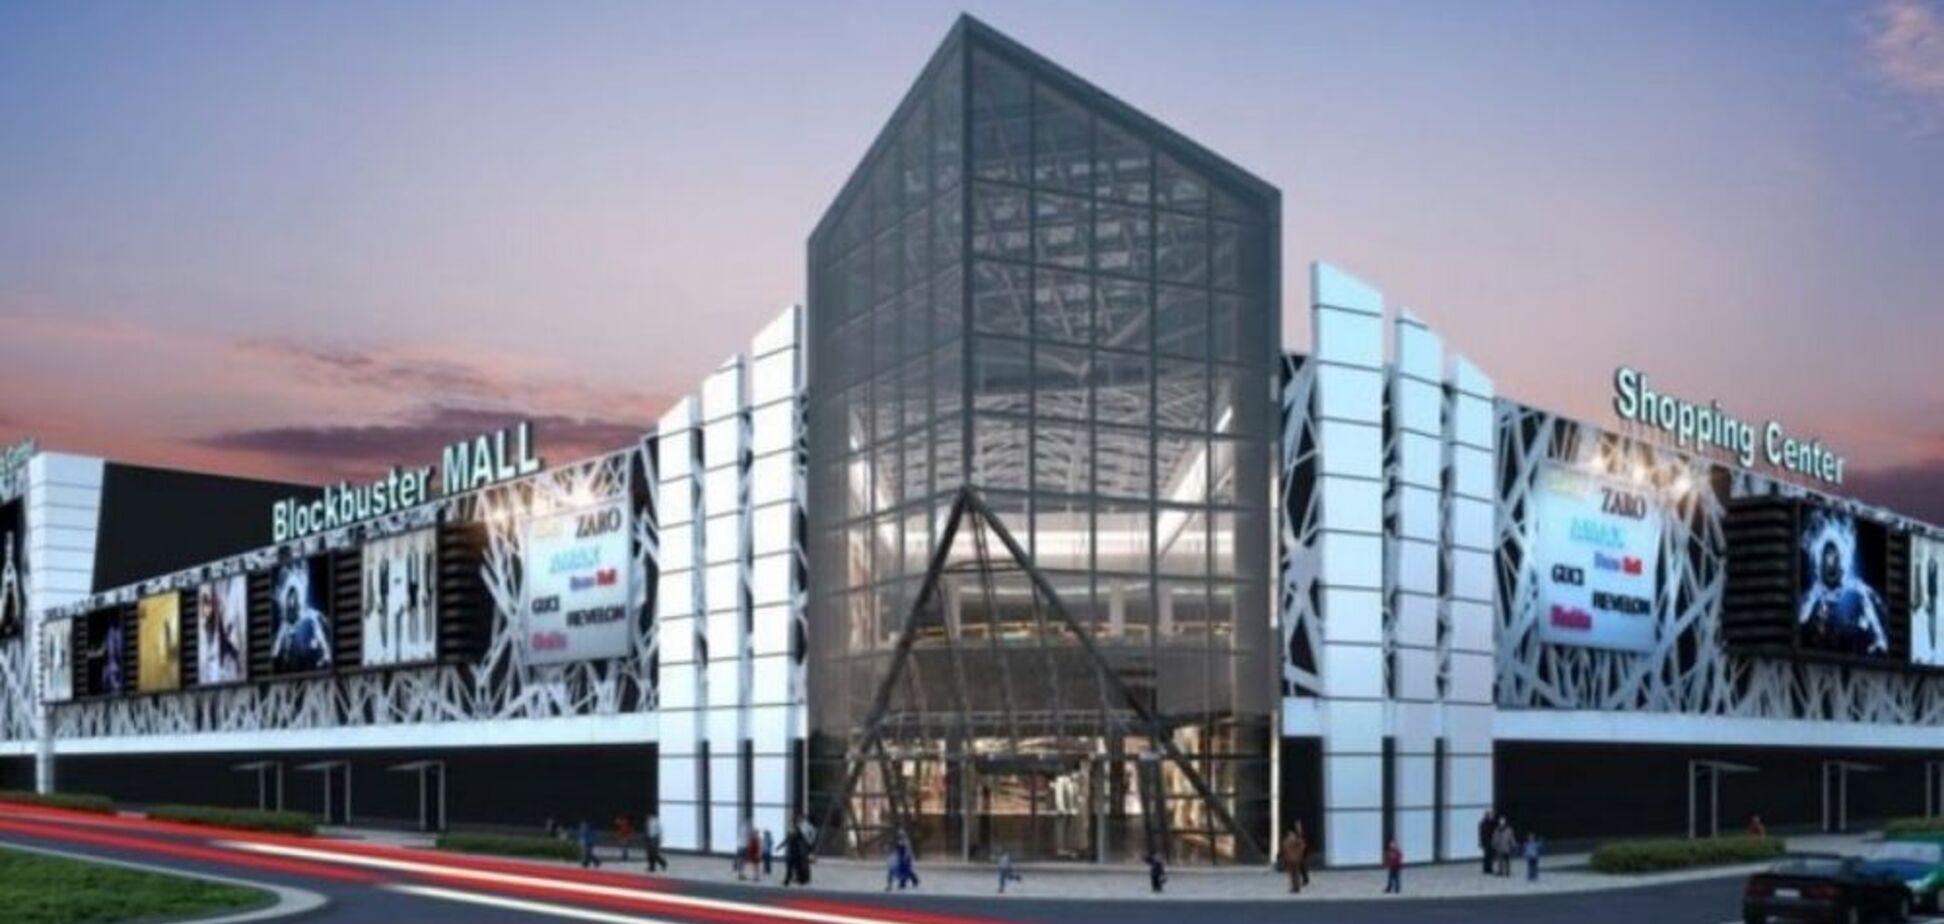 В Киеве в этом году откроют ТРЦ Blockbuster Mall